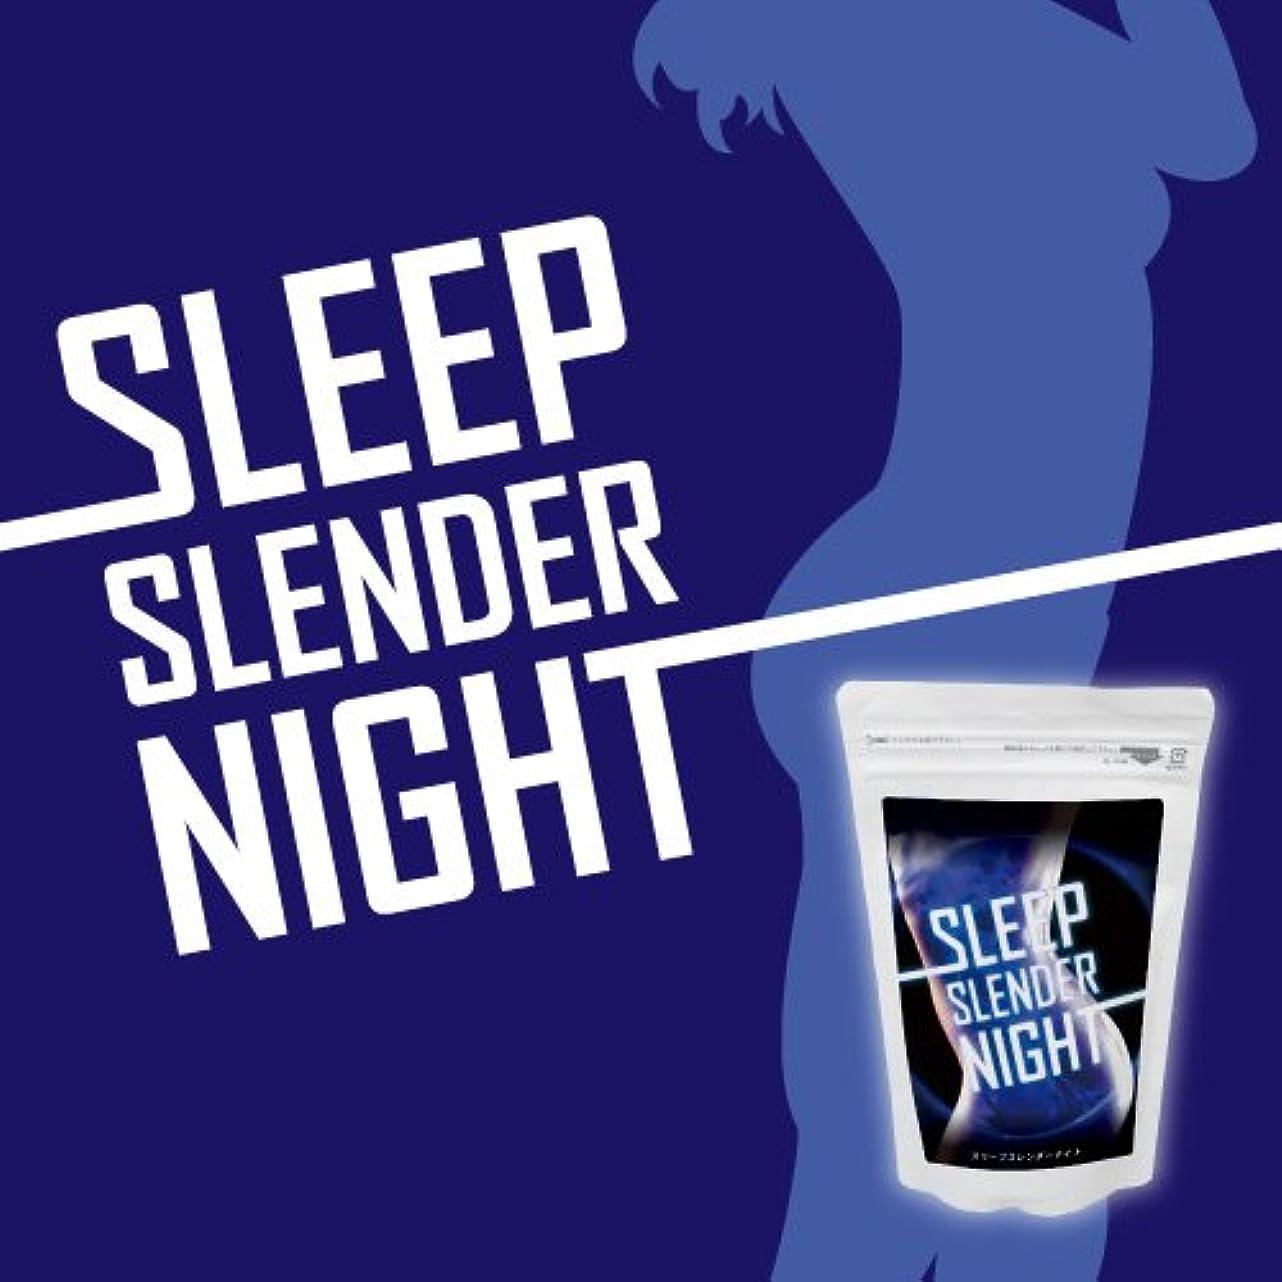 センチメートル畝間びっくりするSleep Slender Night(スリープスレンダーナイト) ダイエット ダイエットサプリ 送料無料